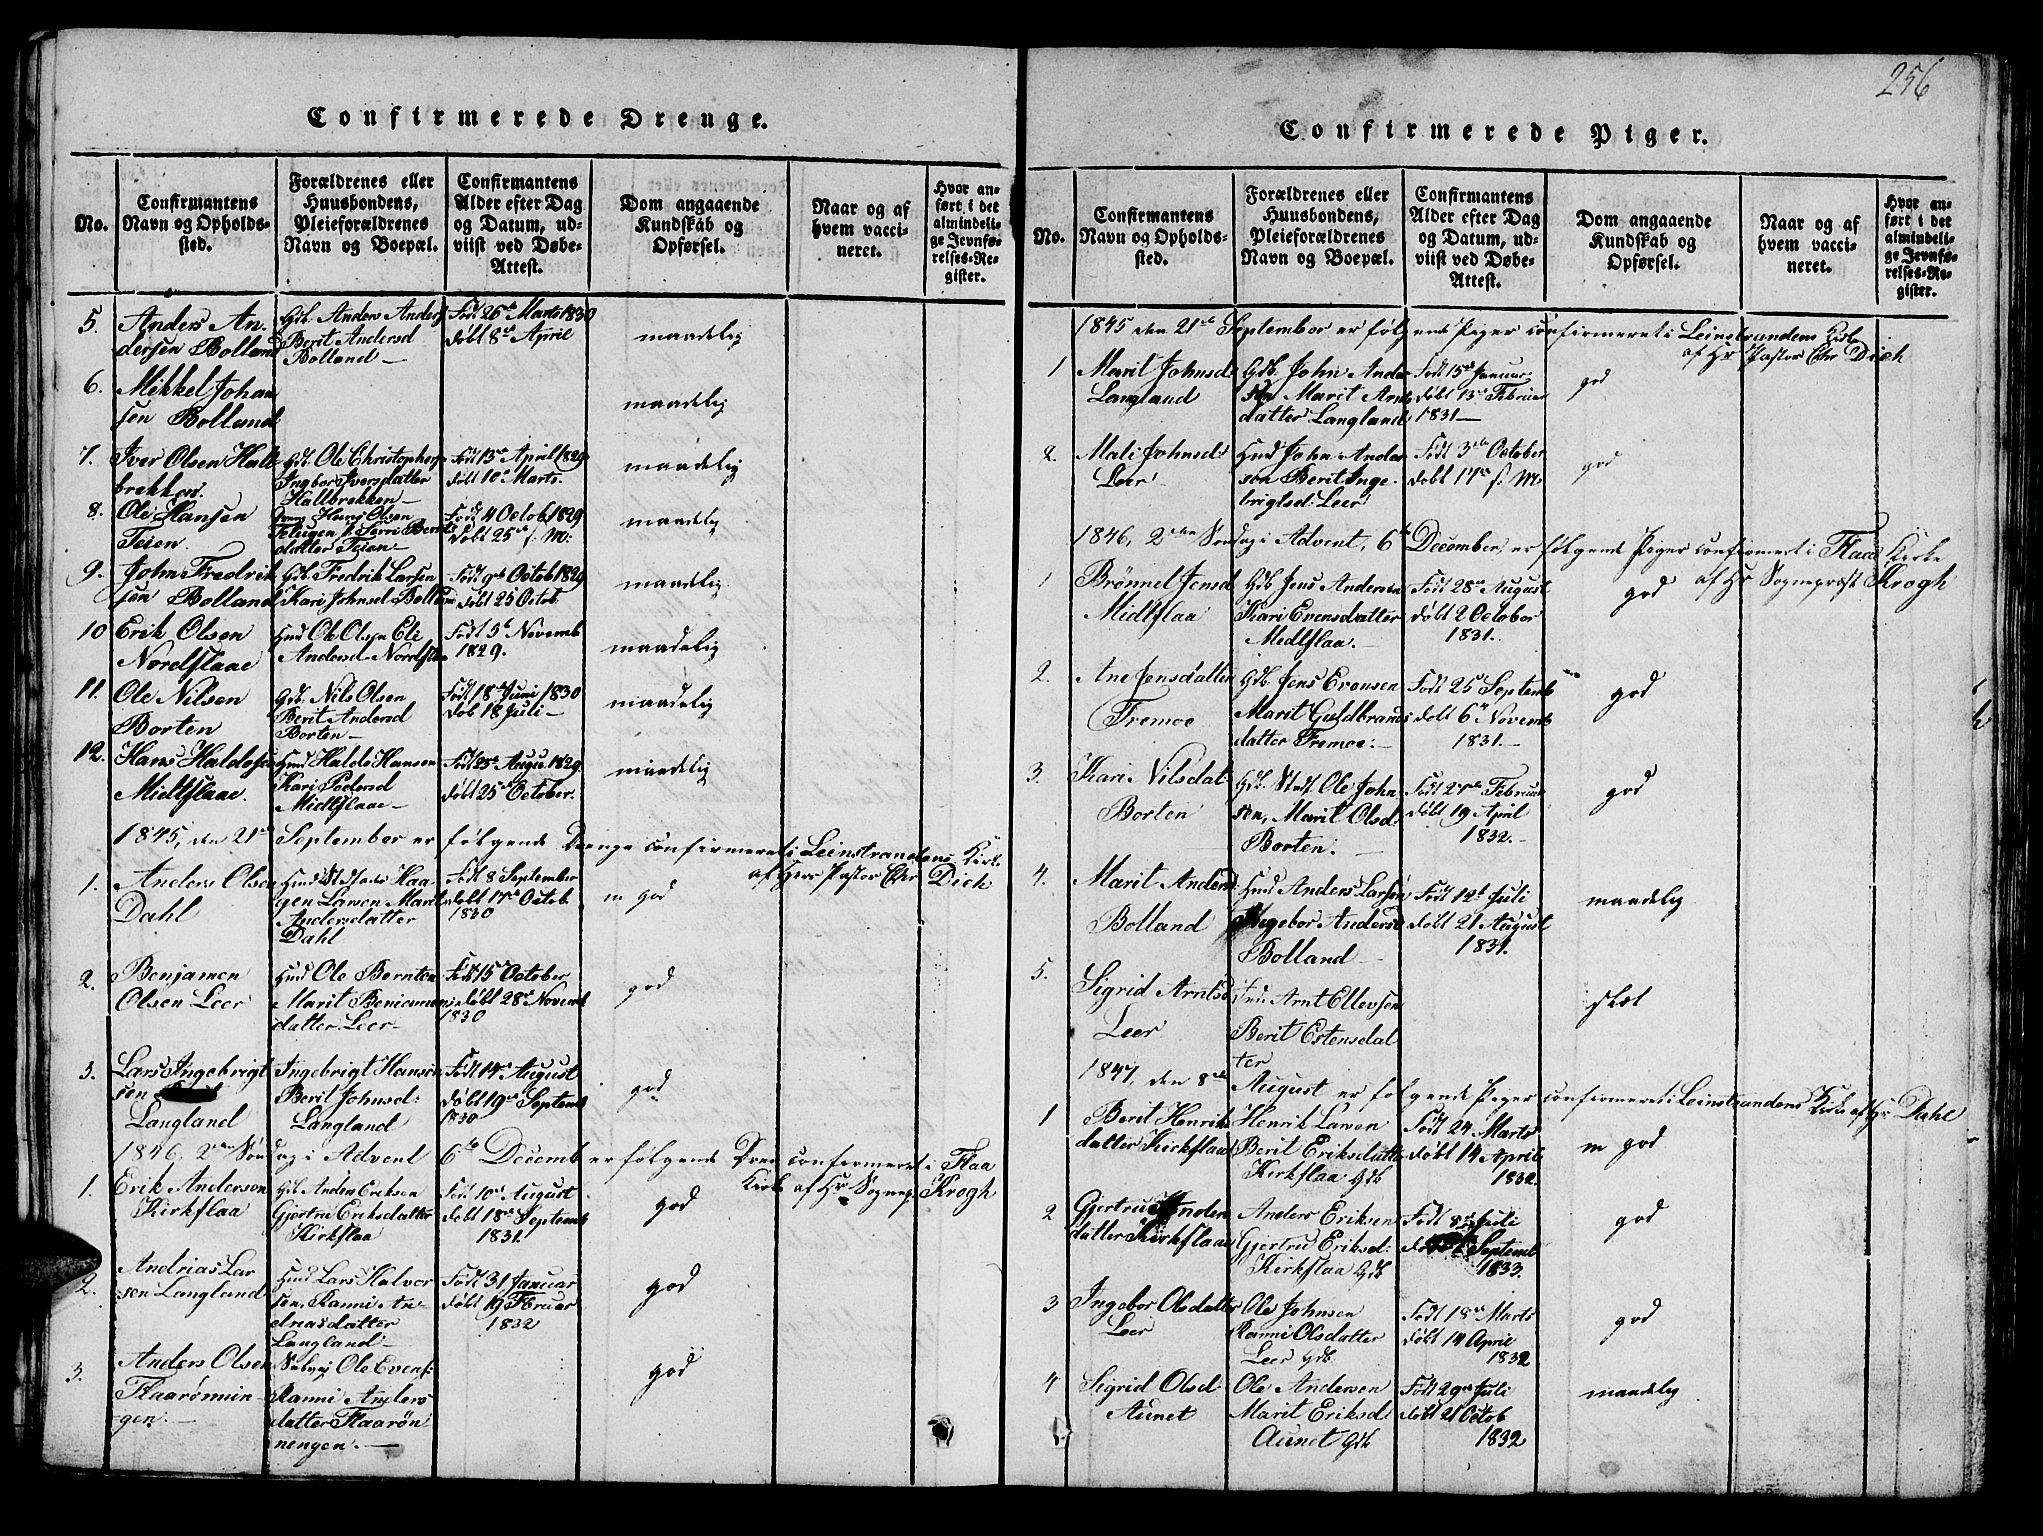 SAT, Ministerialprotokoller, klokkerbøker og fødselsregistre - Sør-Trøndelag, 693/L1121: Klokkerbok nr. 693C02, 1816-1869, s. 256